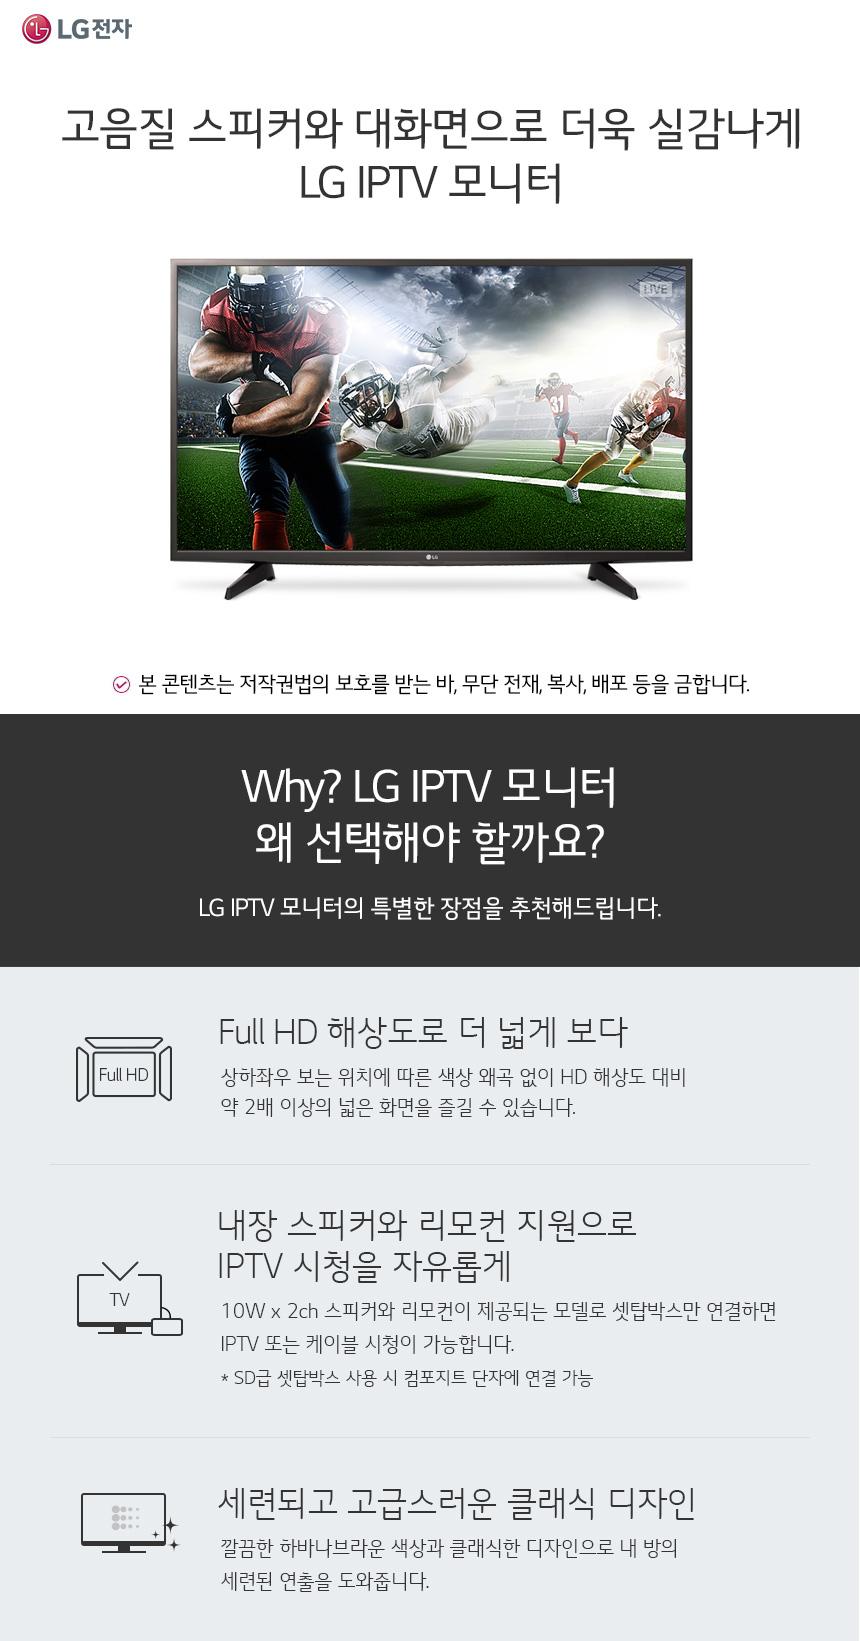 Why LG